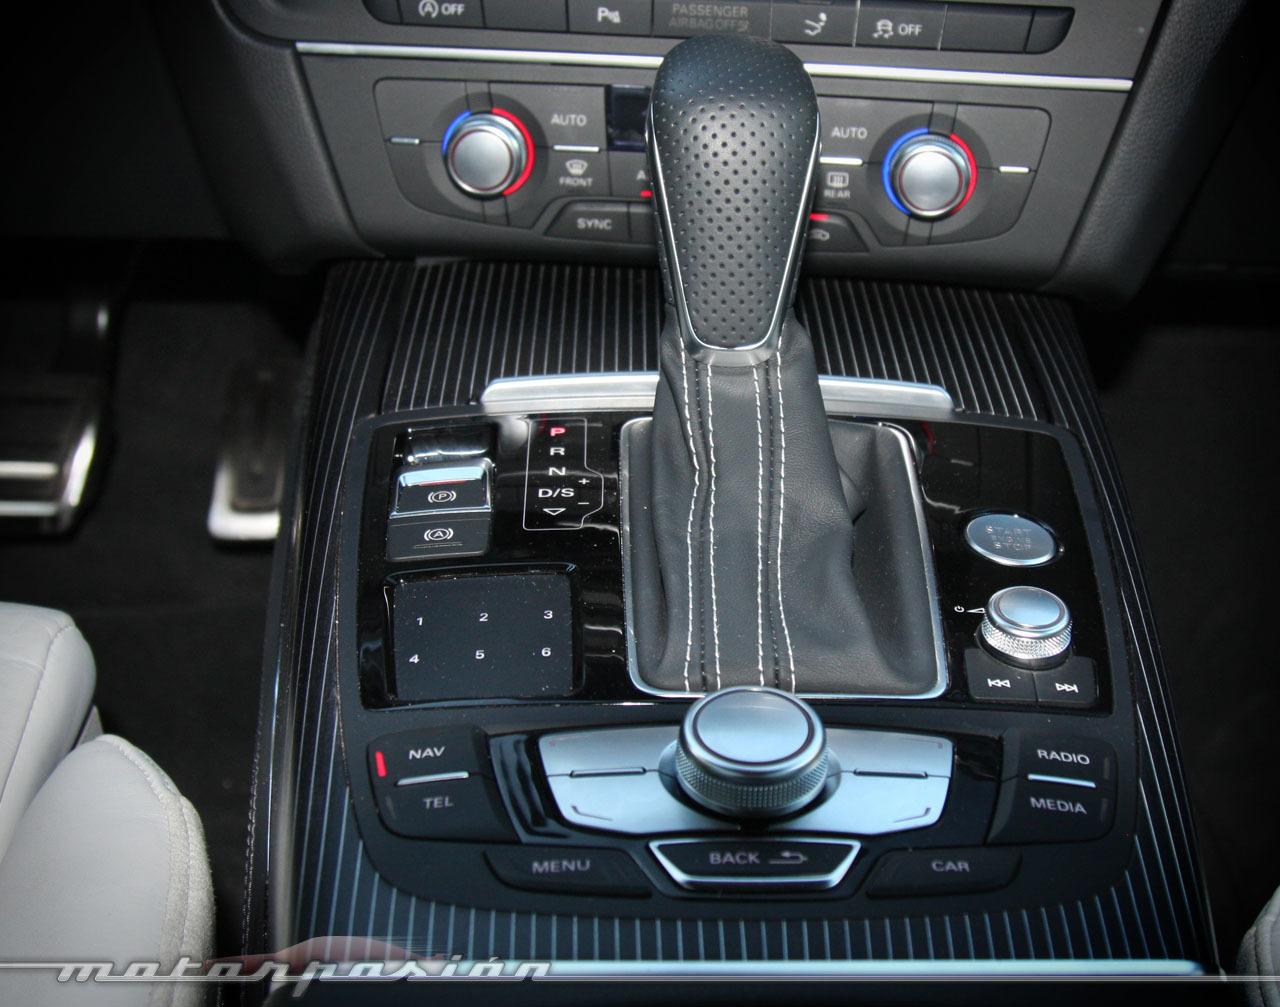 Audi A7 3 0 Tdi Ultra Prueba 14 48